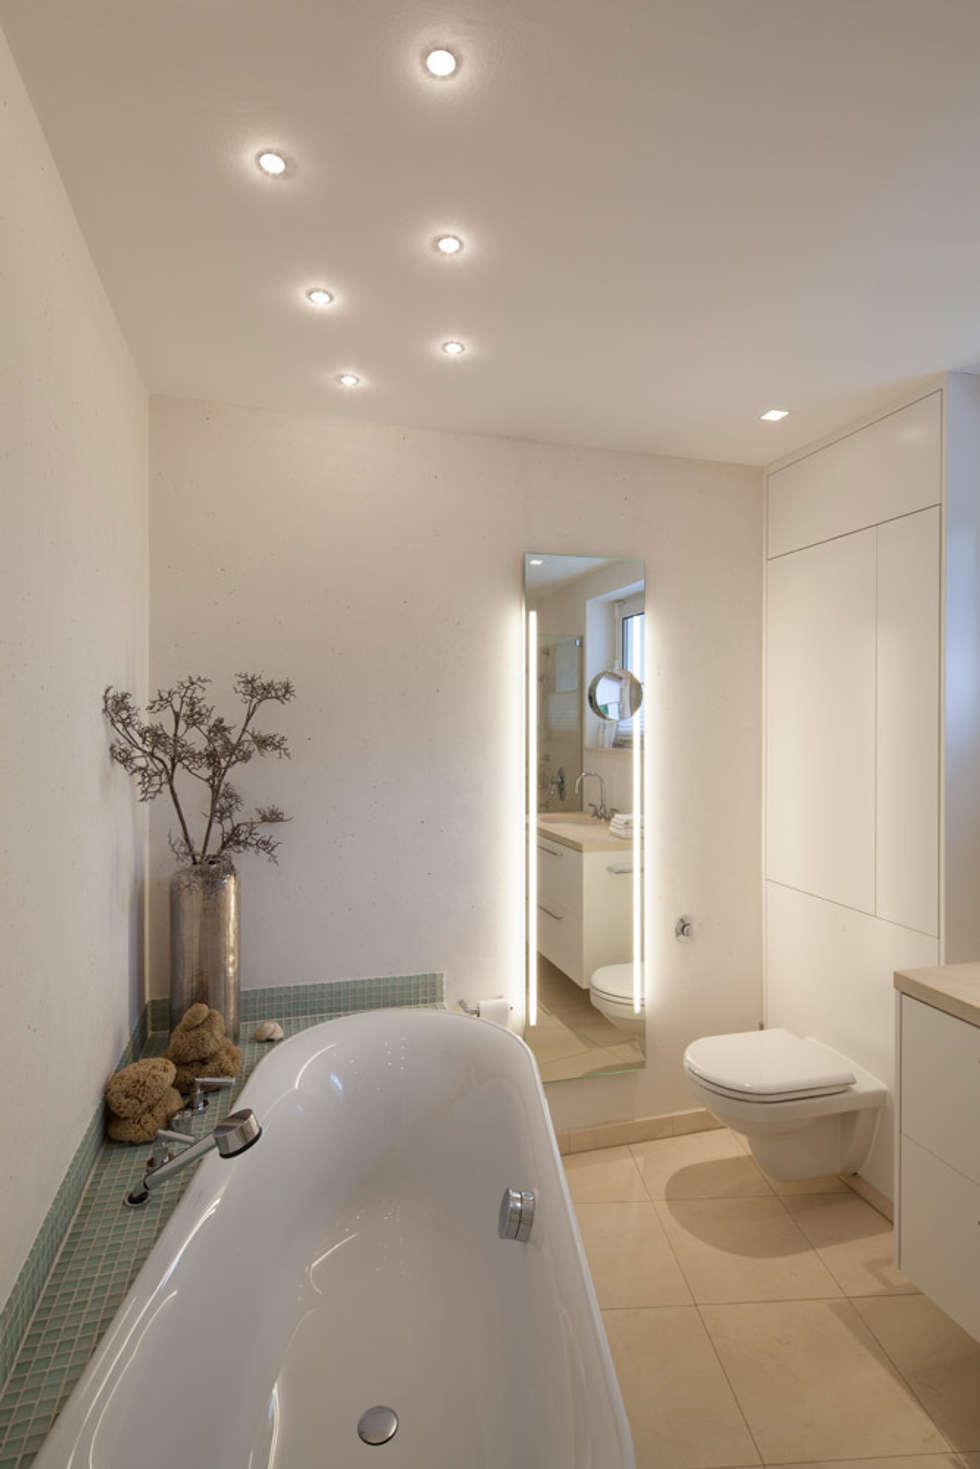 Wohnideen interior design einrichtungsideen bilder for Marmorputz badezimmer